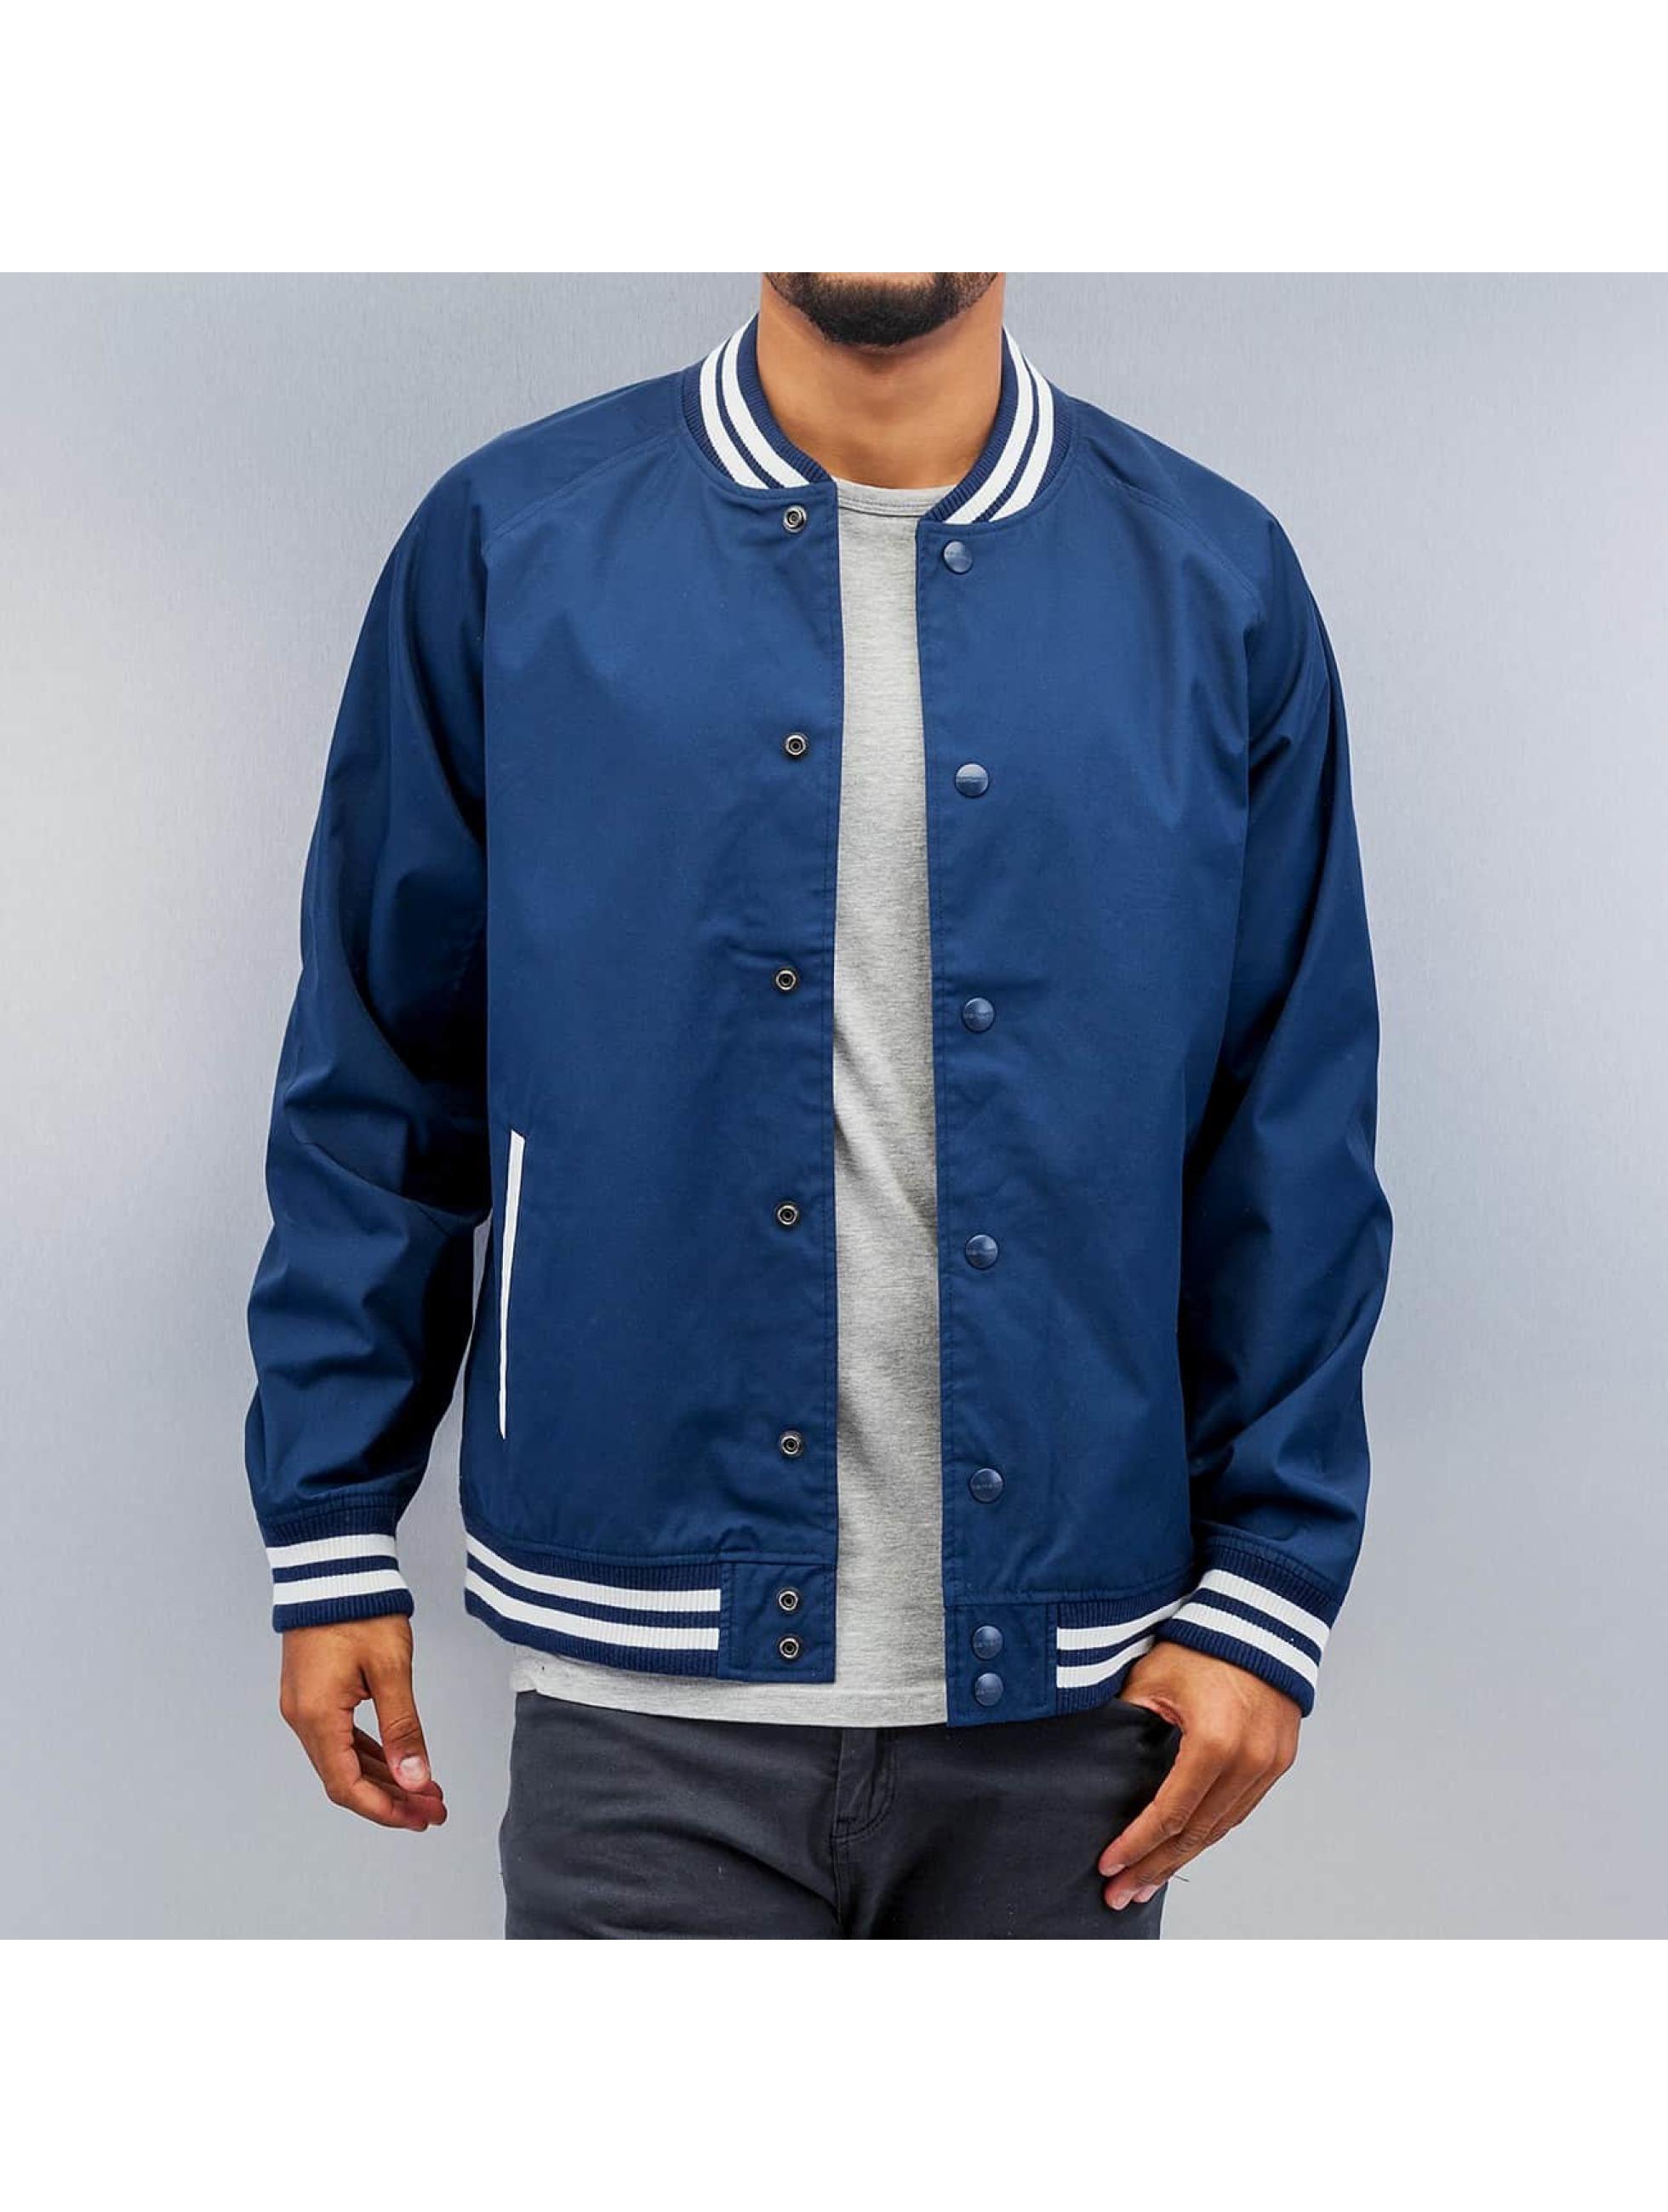 Carhartt WIP College Jacke Atlanta blau